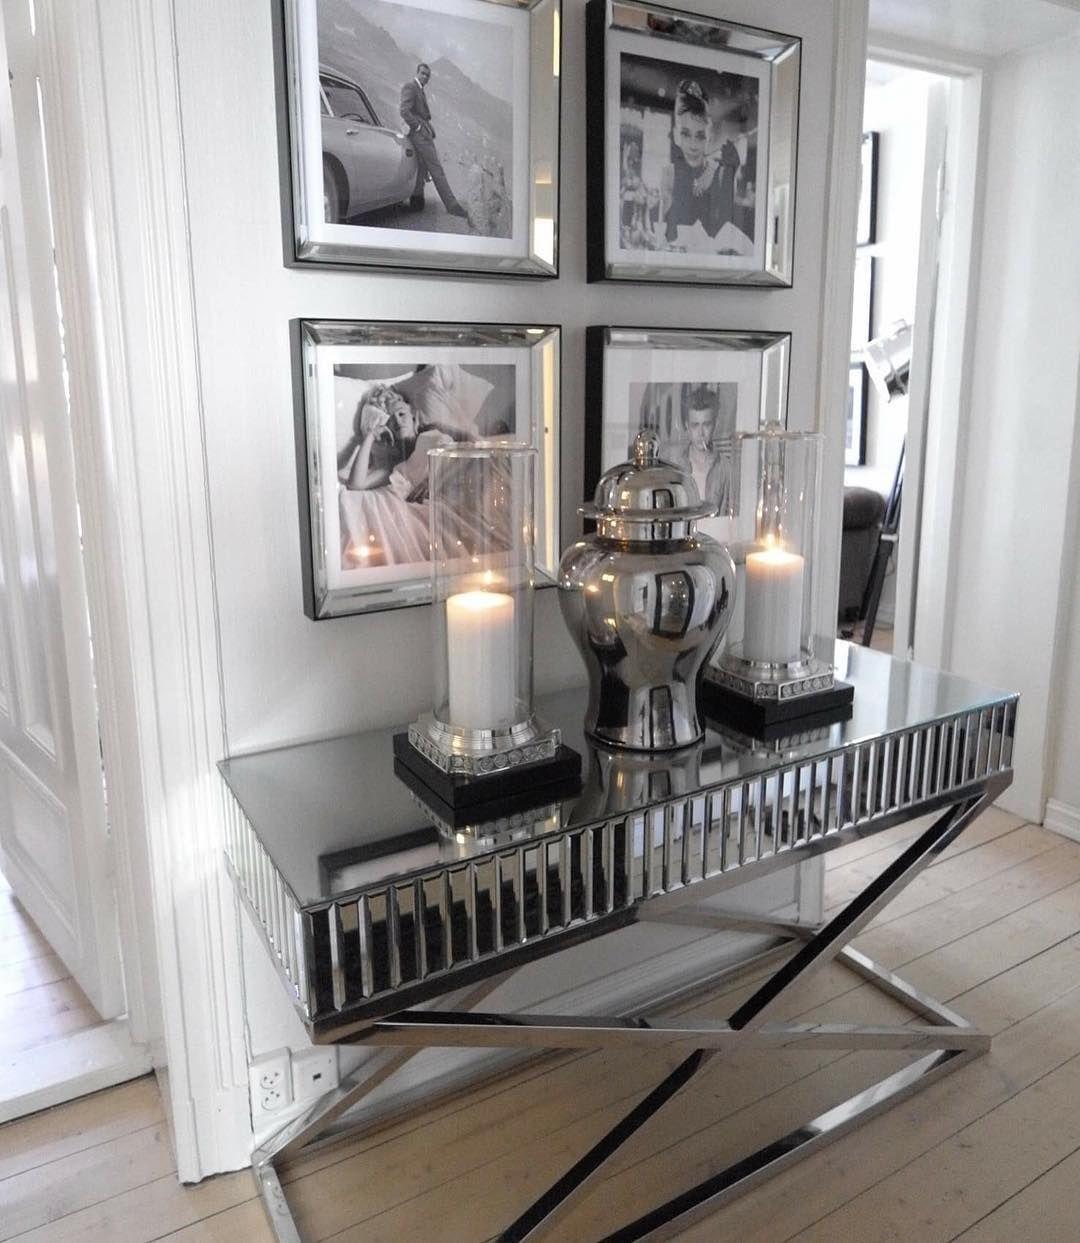 Sienna Konsollbordet kom virkelig til sin rett i @bymads sin flotte leilighet.  Tusen takk for nydelig bilde.